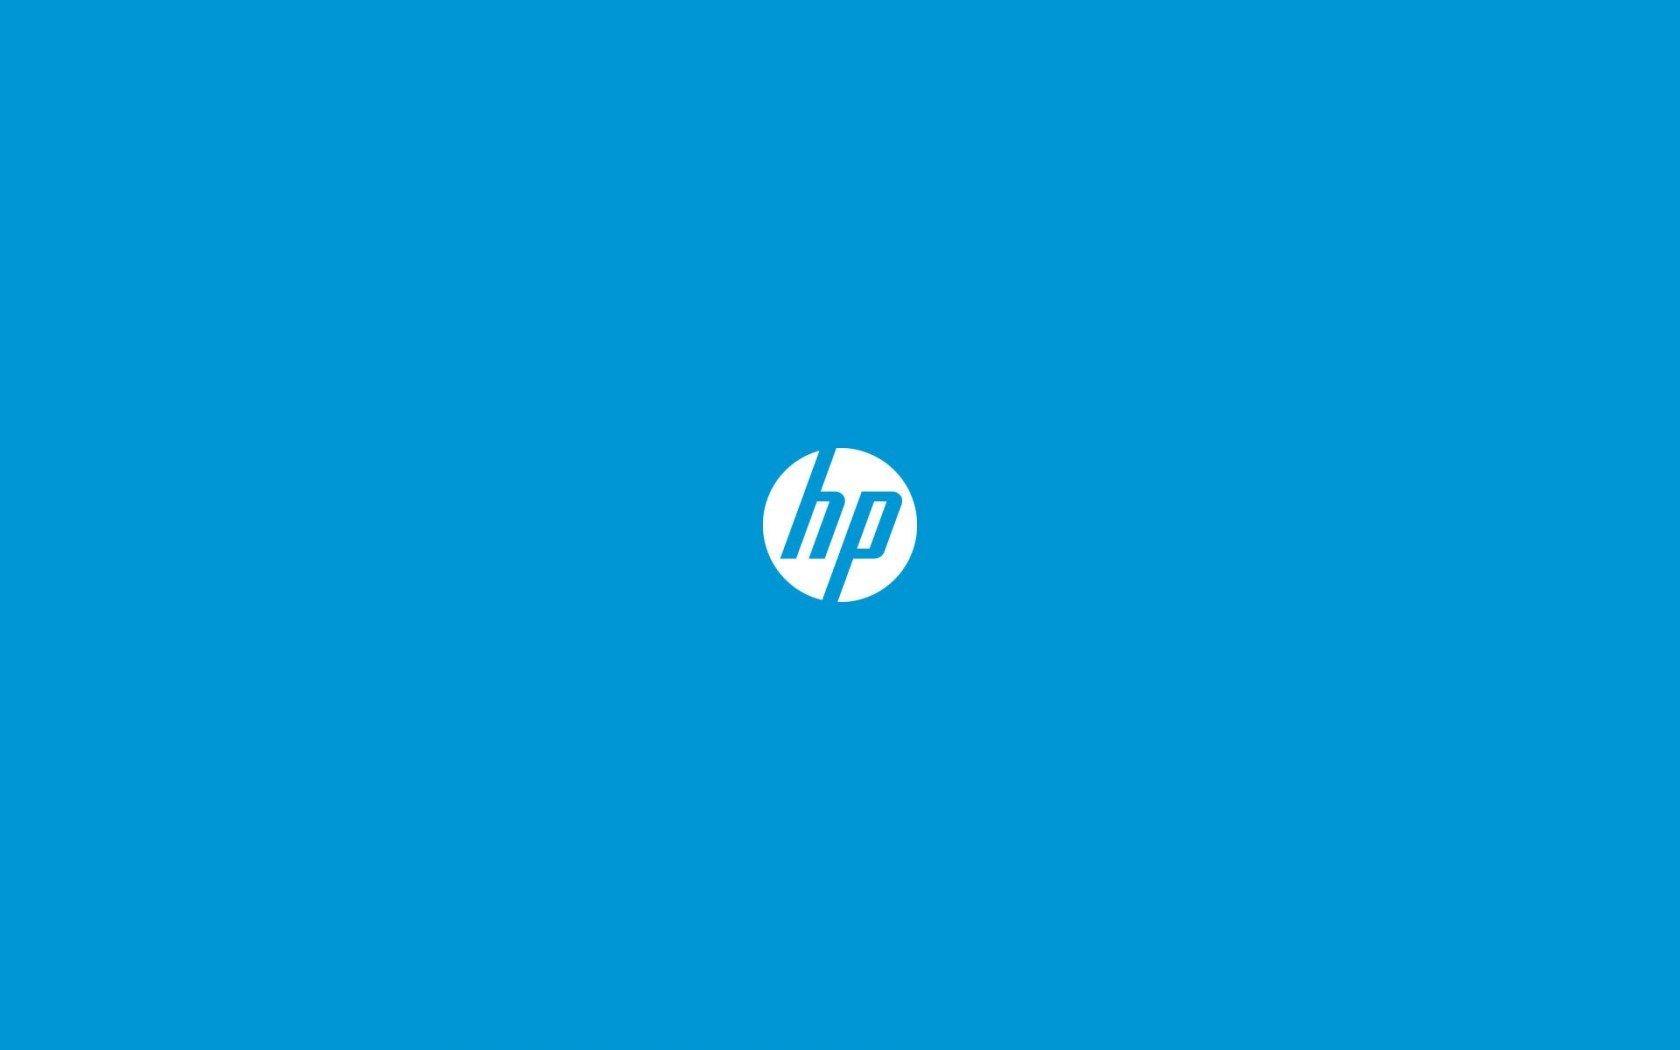 Hp Hewlett Packard Logo Hd Wallpaper Freehdwalls Hp Logo Hewlett Packard Logo Widescreen Wallpaper